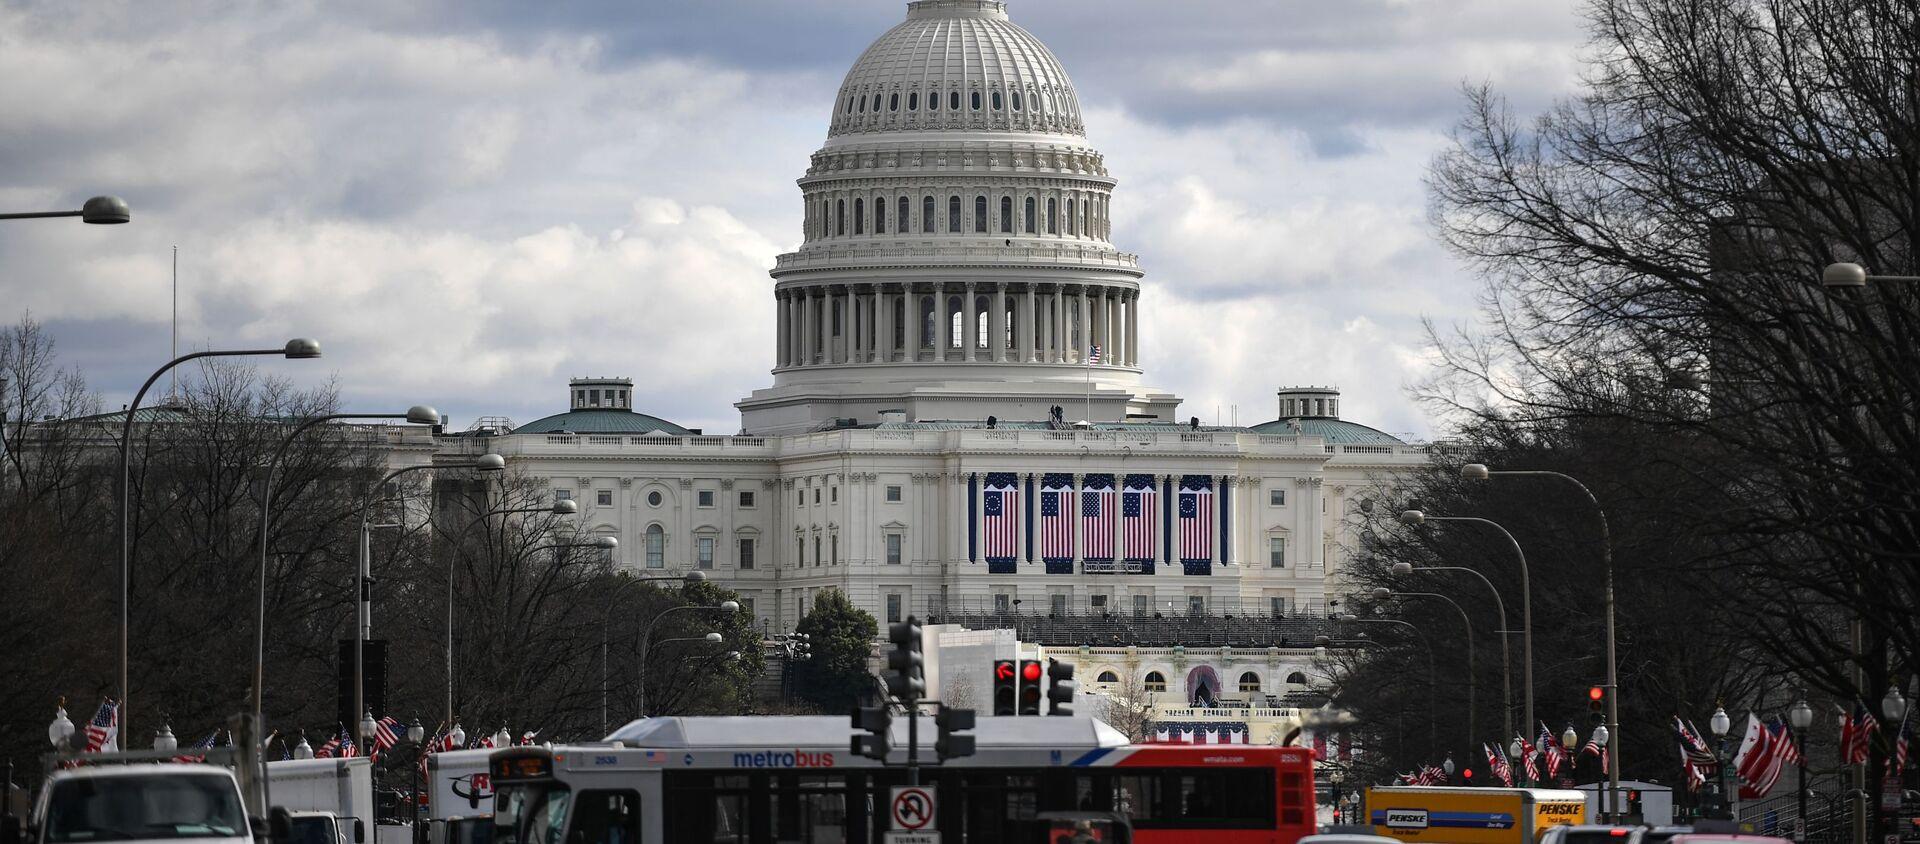 Quang cảnh Điện Capitol ở Washington - Sputnik Việt Nam, 1920, 12.08.2020